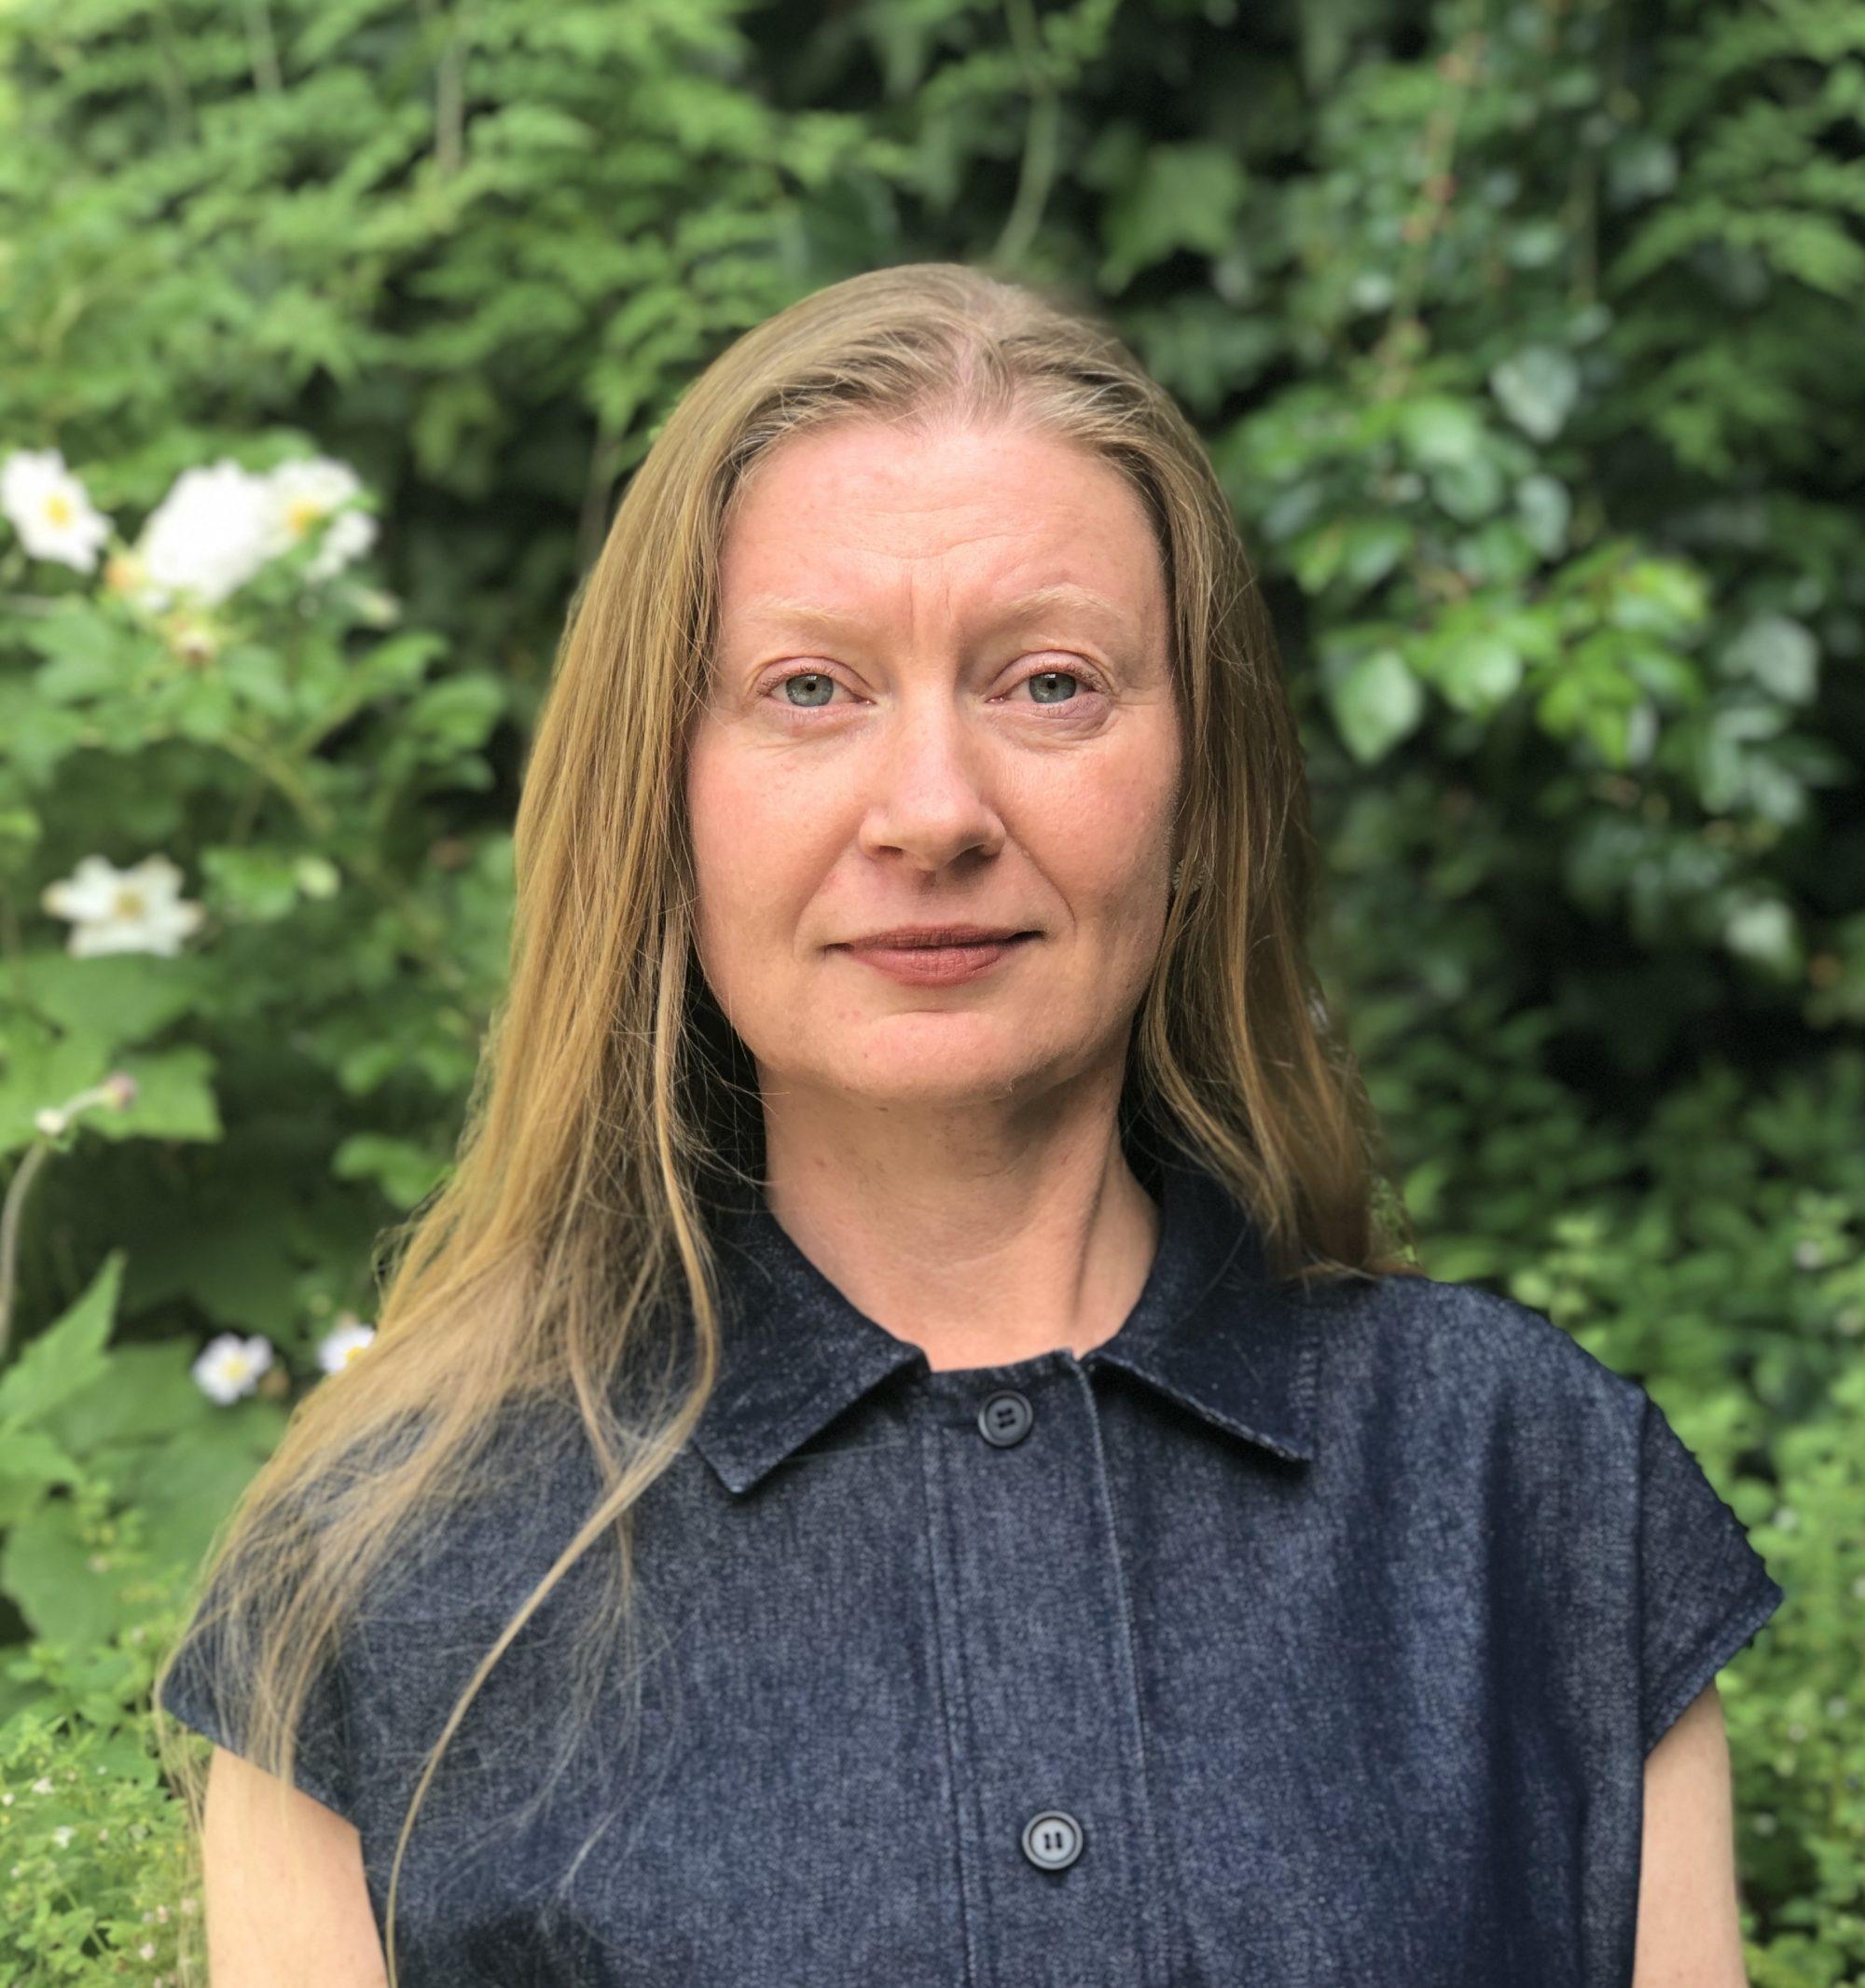 Heidi Morstang